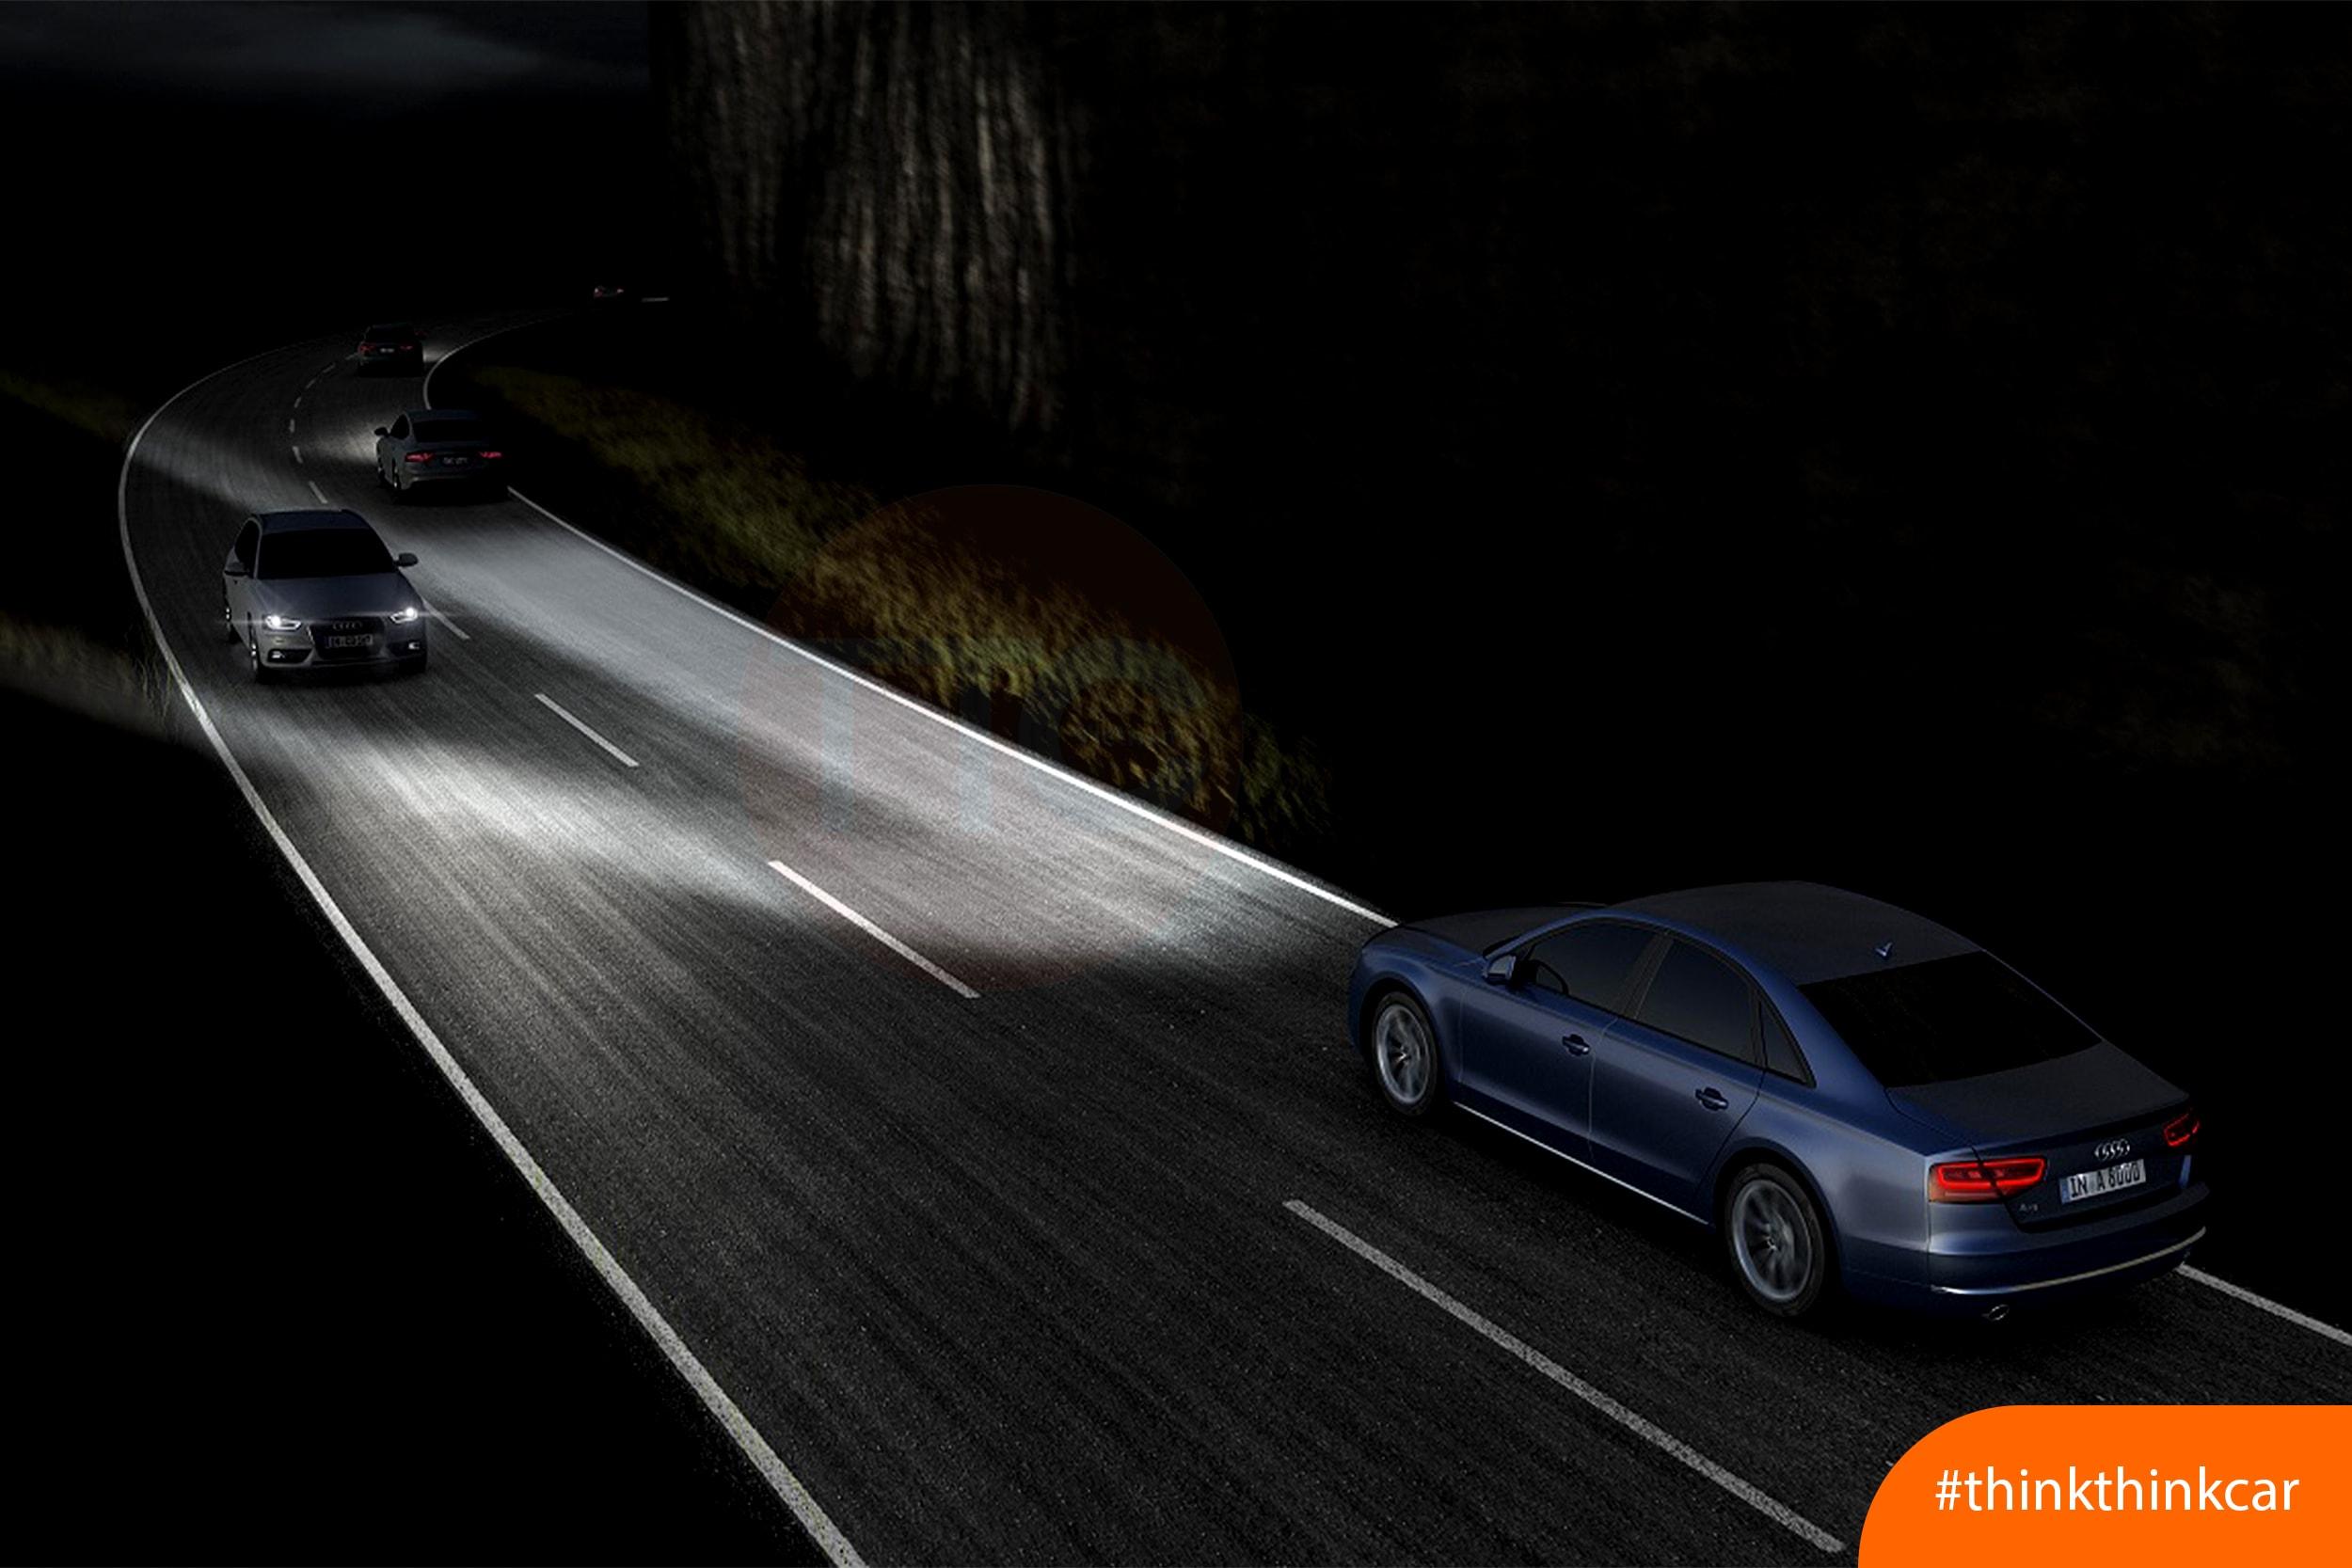 Những lưu ý cho tài xế khi lái xe vào ban đêm - ThinkThinkCar